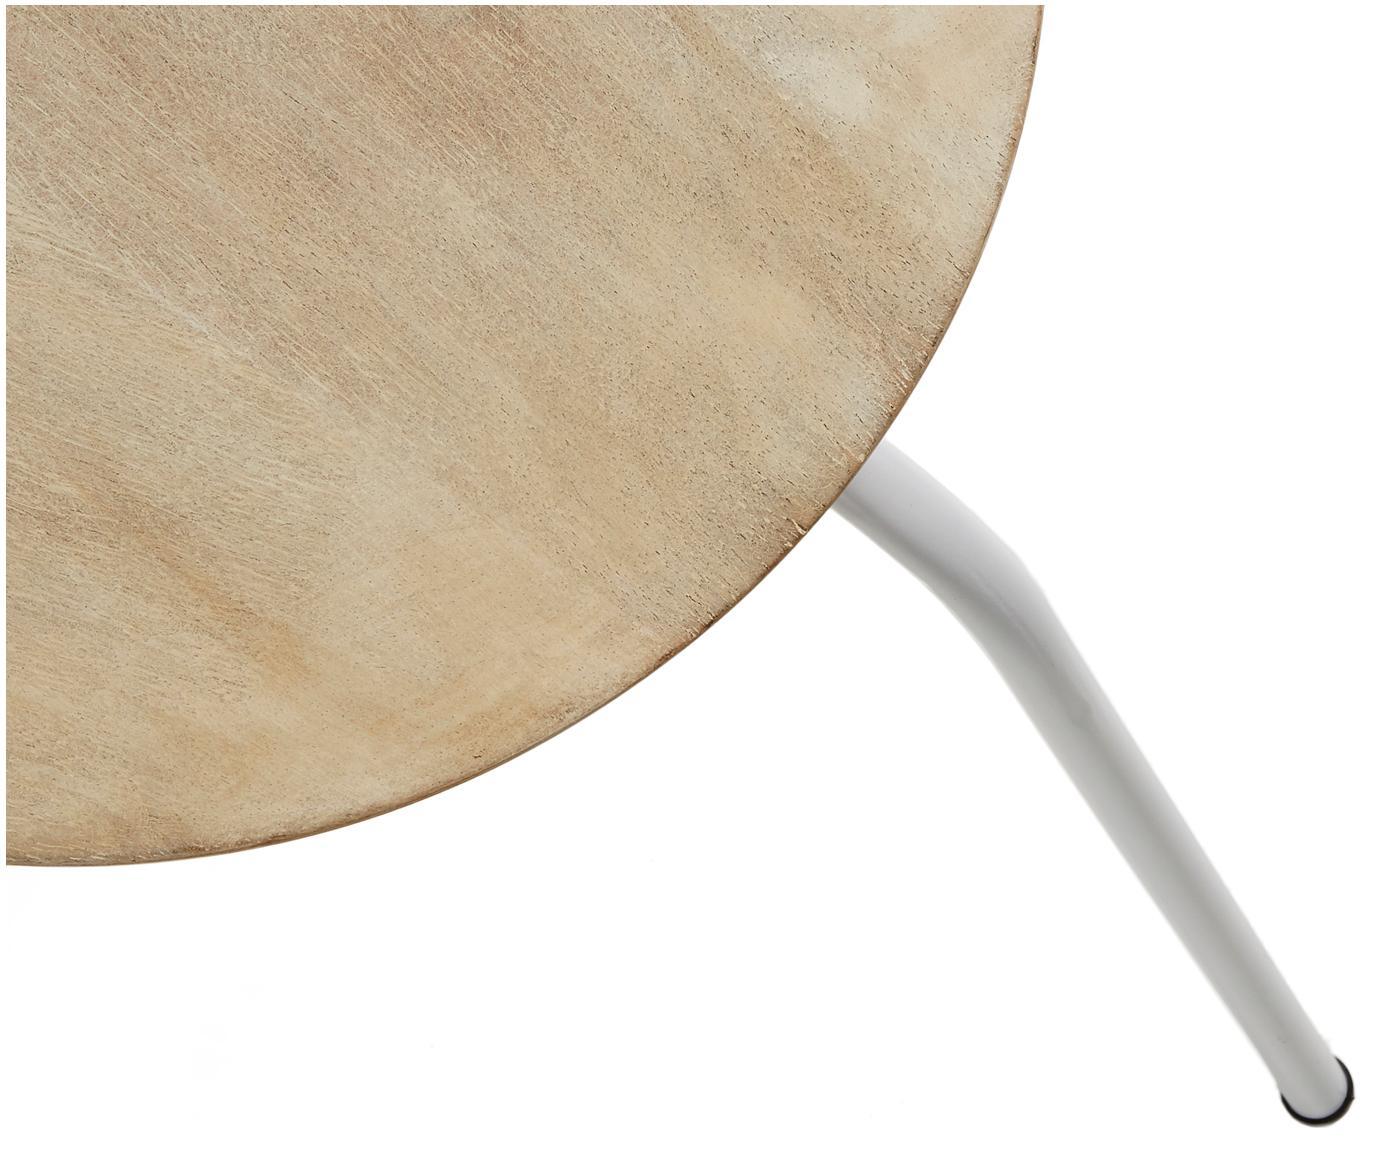 Hocker Ren, stapelbar, Sitzfläche: Mangoholz, naturbelassen, Beine: Metall, lackiert, Mangoholz, Weiß, Ø 40 x H 45 cm